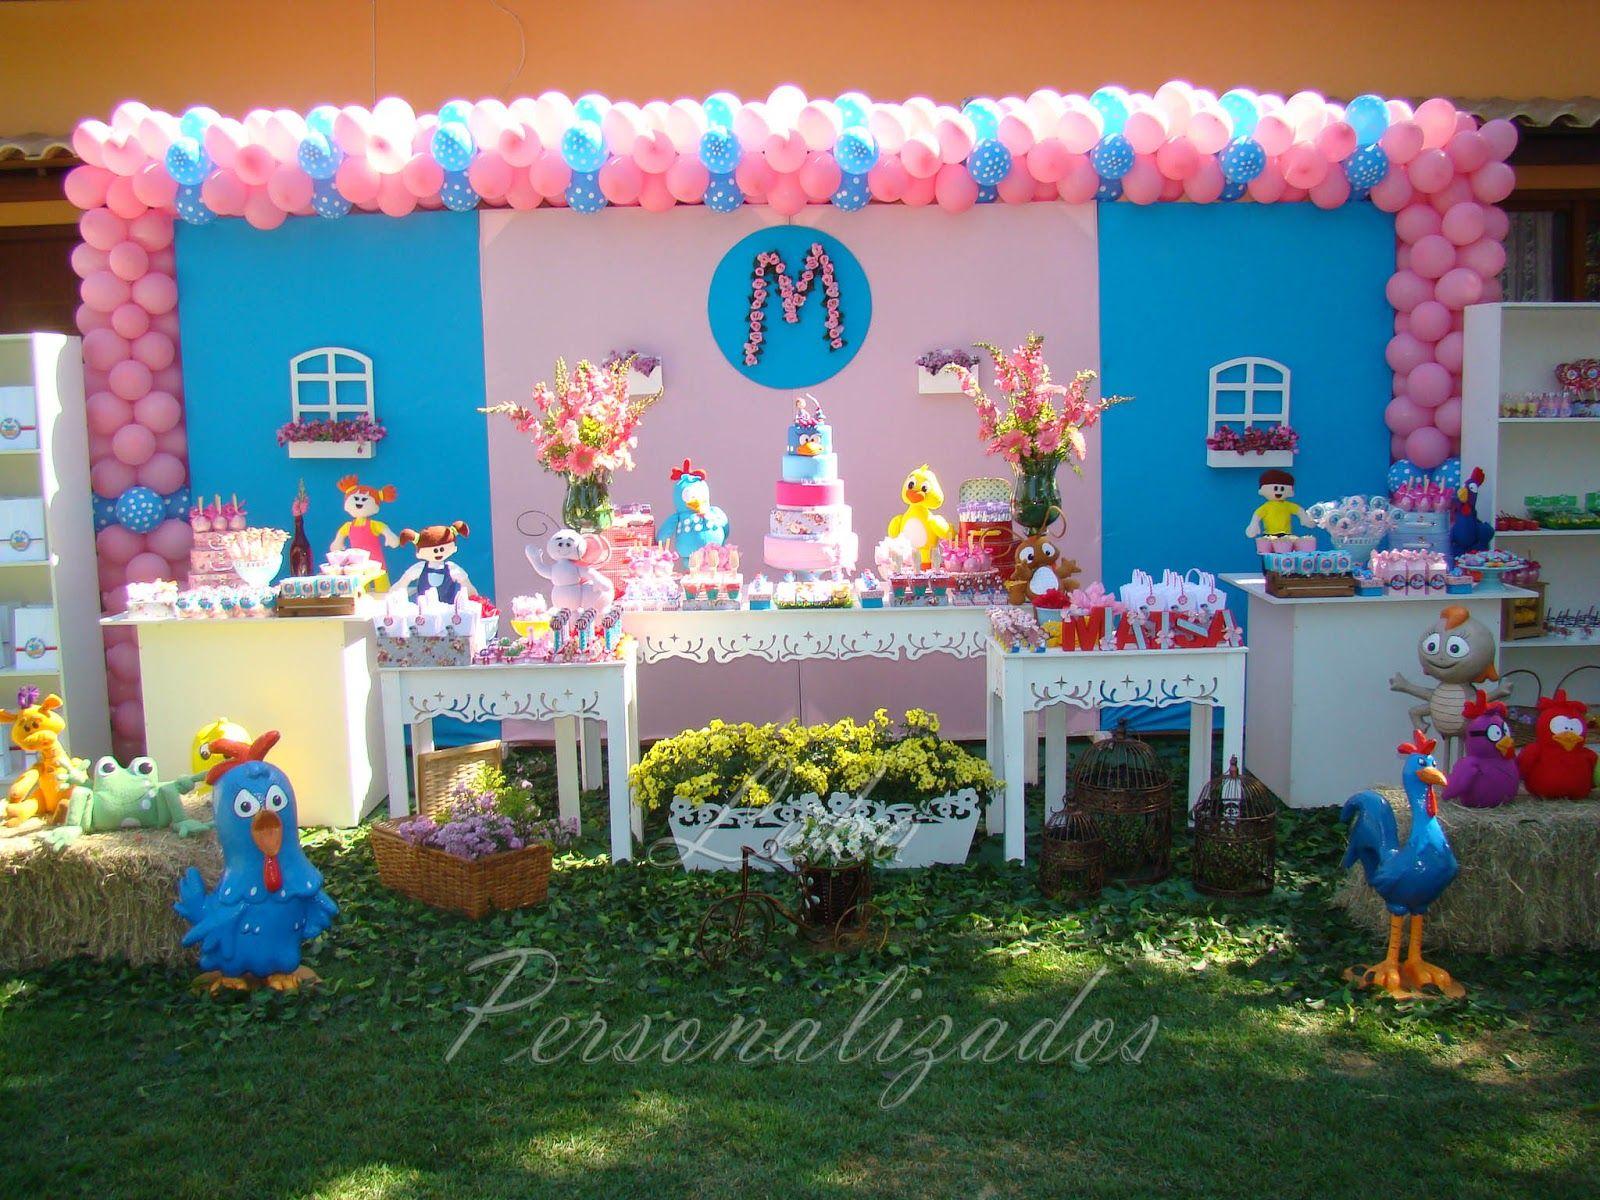 Leka Personalizados GALINHA PINTADINHA DA MA u00cdSA ROSA E AZUL Festas infantis Festa galinha  -> Decoração De Festa Infantil Da Galinha Pintadinha Rosa